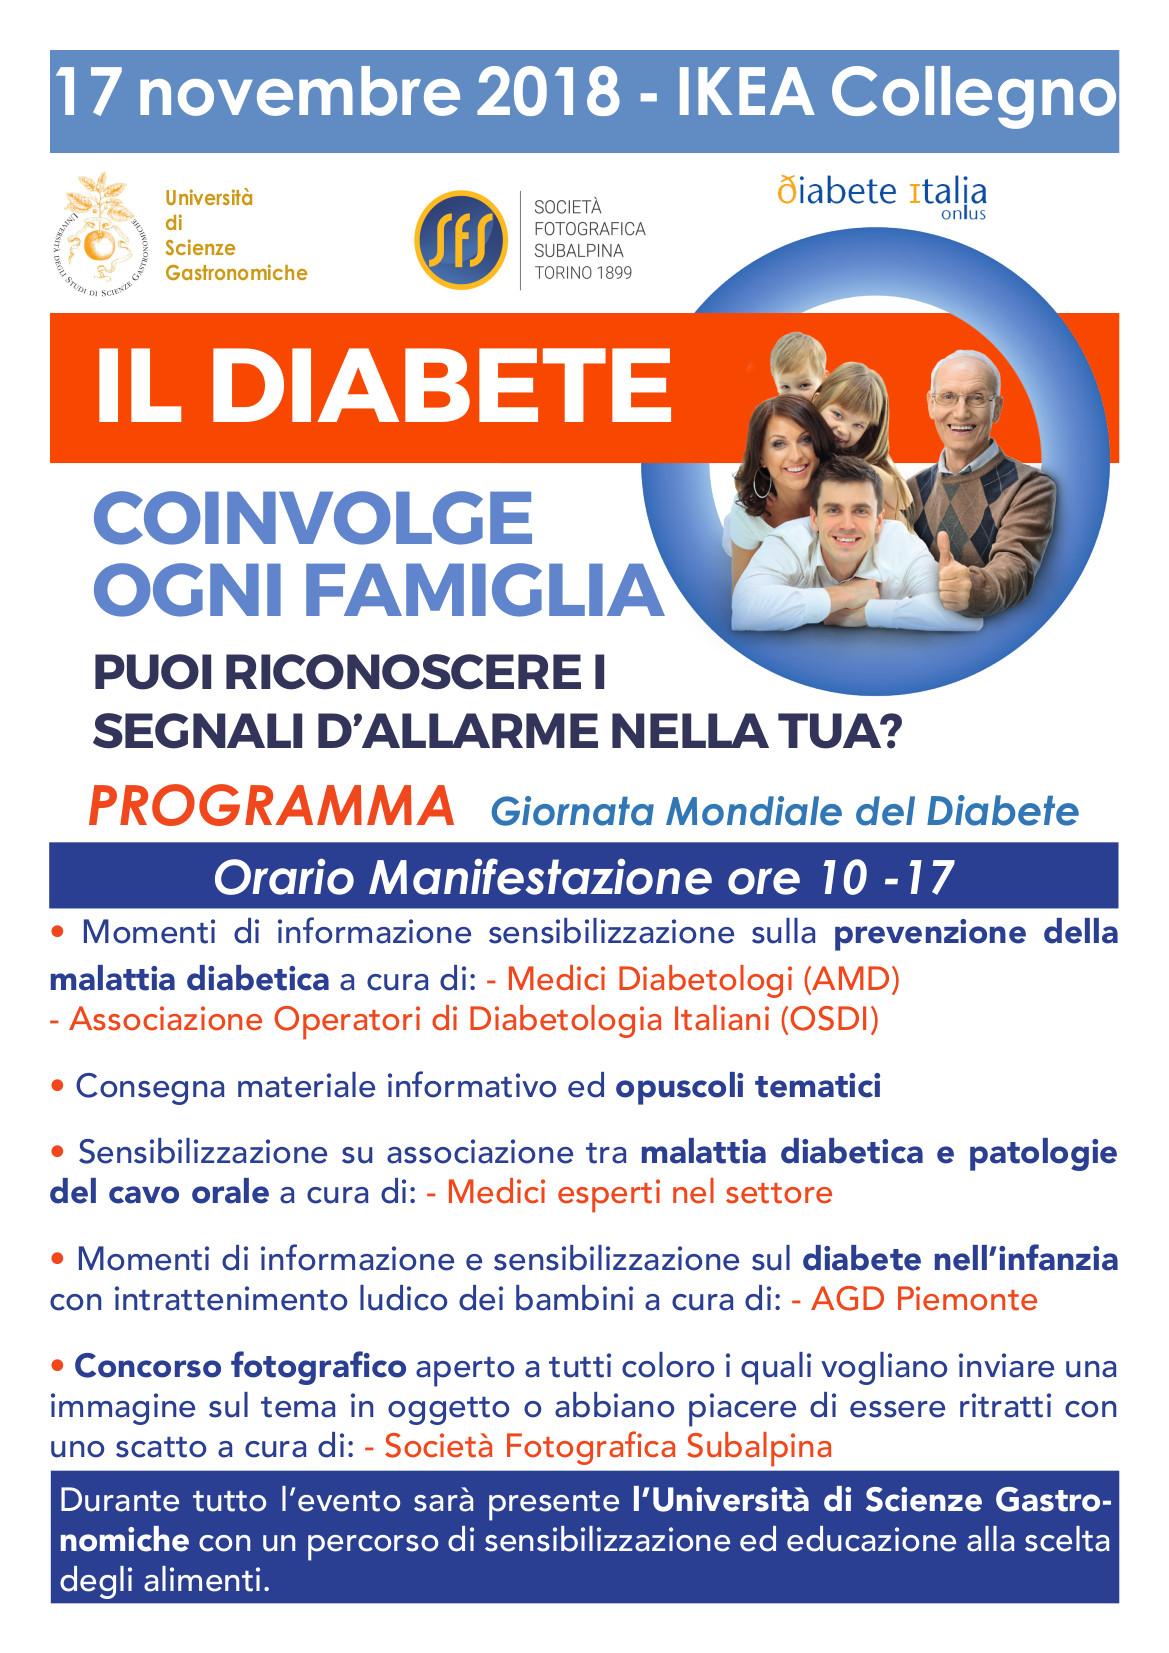 Giornata Mondiale Del Diabete 2018 Agd Piemonte E Valle D